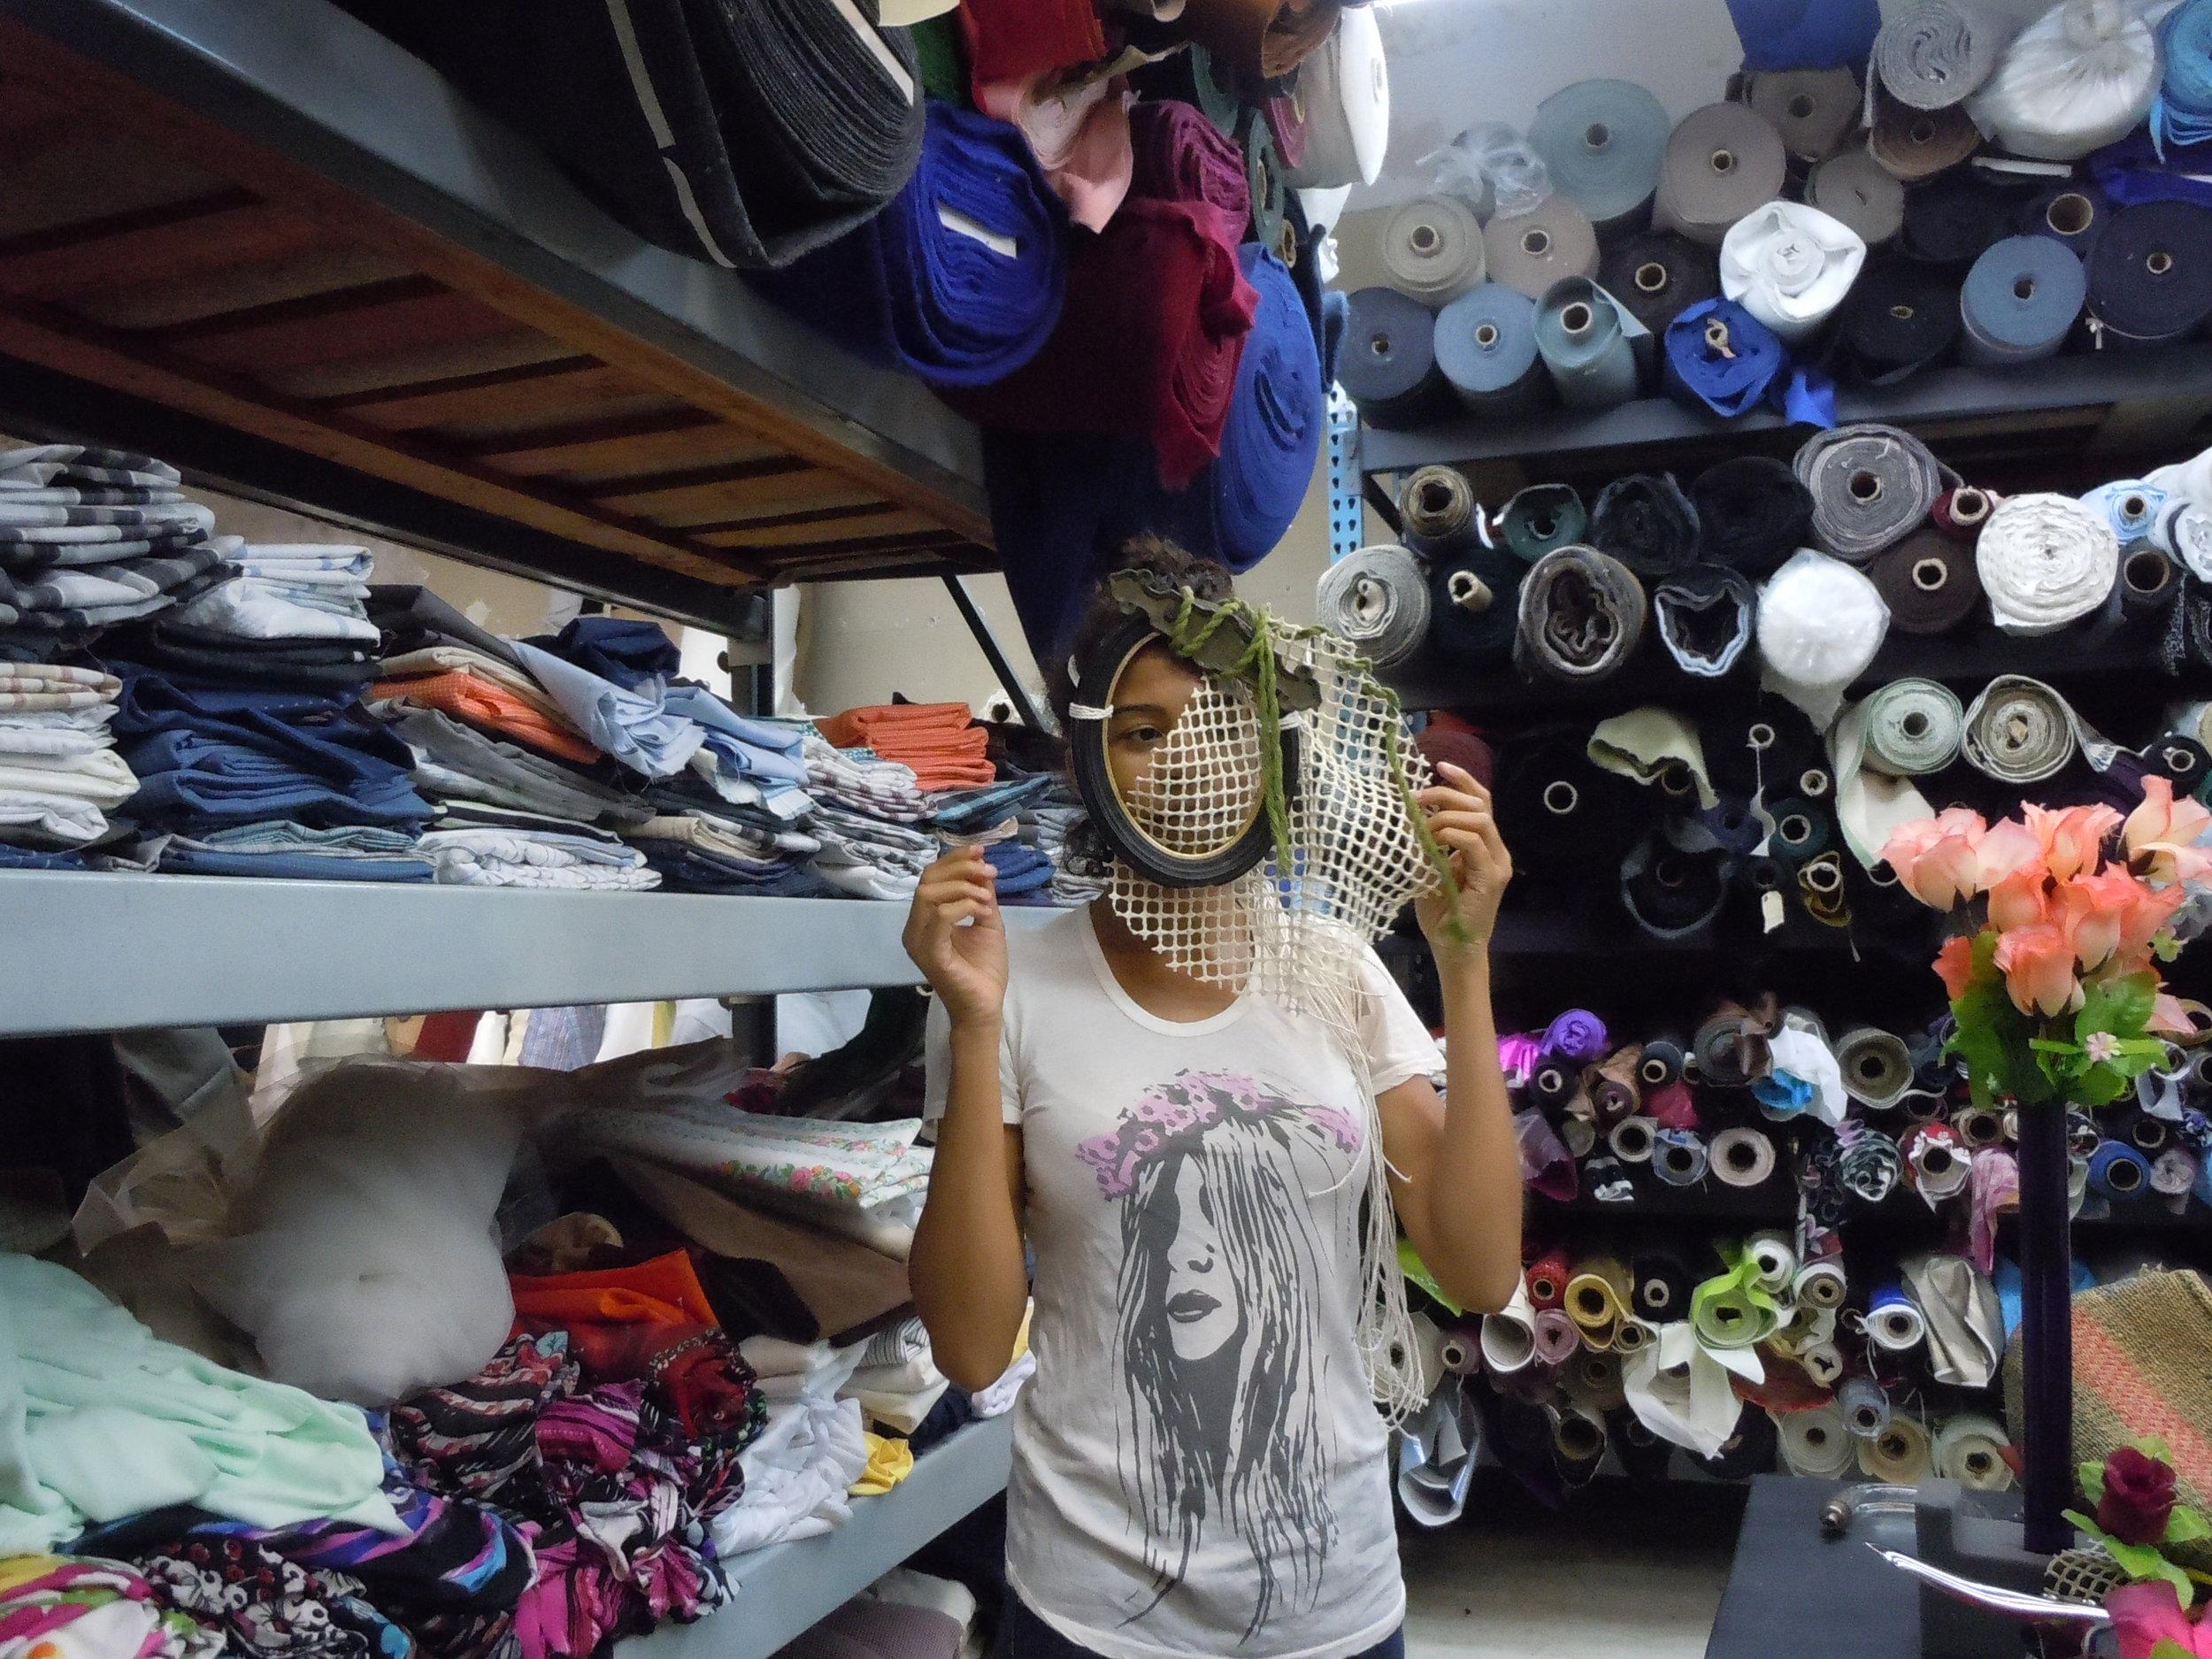 kimbers-cool-mask-in-progress_5064057478_o.jpg